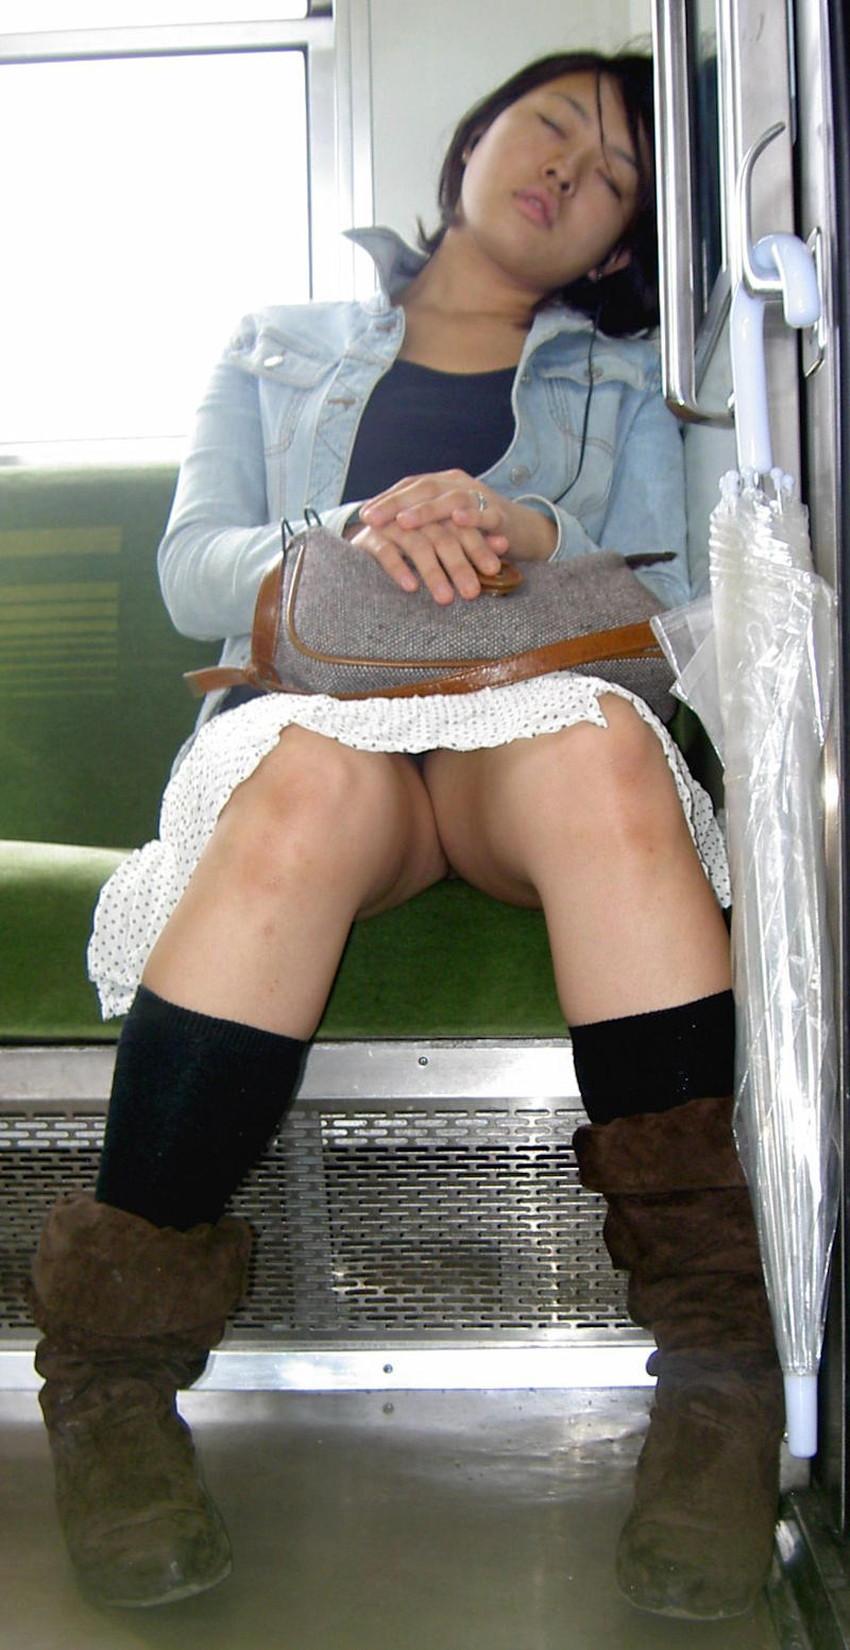 【居眠りパンチラエロ画像】居眠りOLが電車内でお股ユルユル!ww居眠り美女の無防備なパンチラを盗撮した居眠りパンチラのエロ画像集!ww【80枚】 43